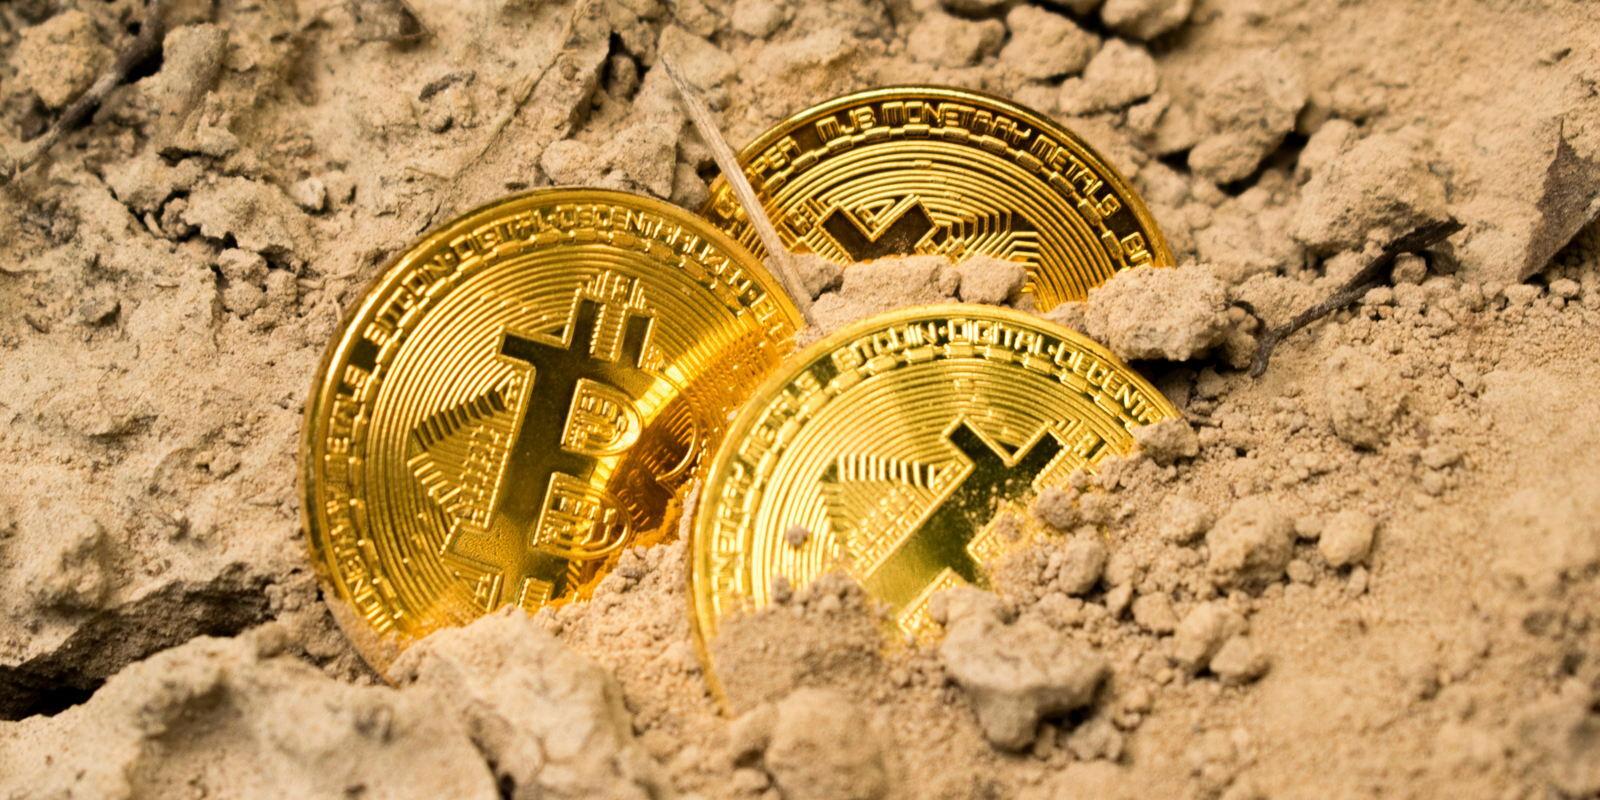 Blockchain.com lance son plan d'épargne Bitcoin à un taux de 4,5% par an